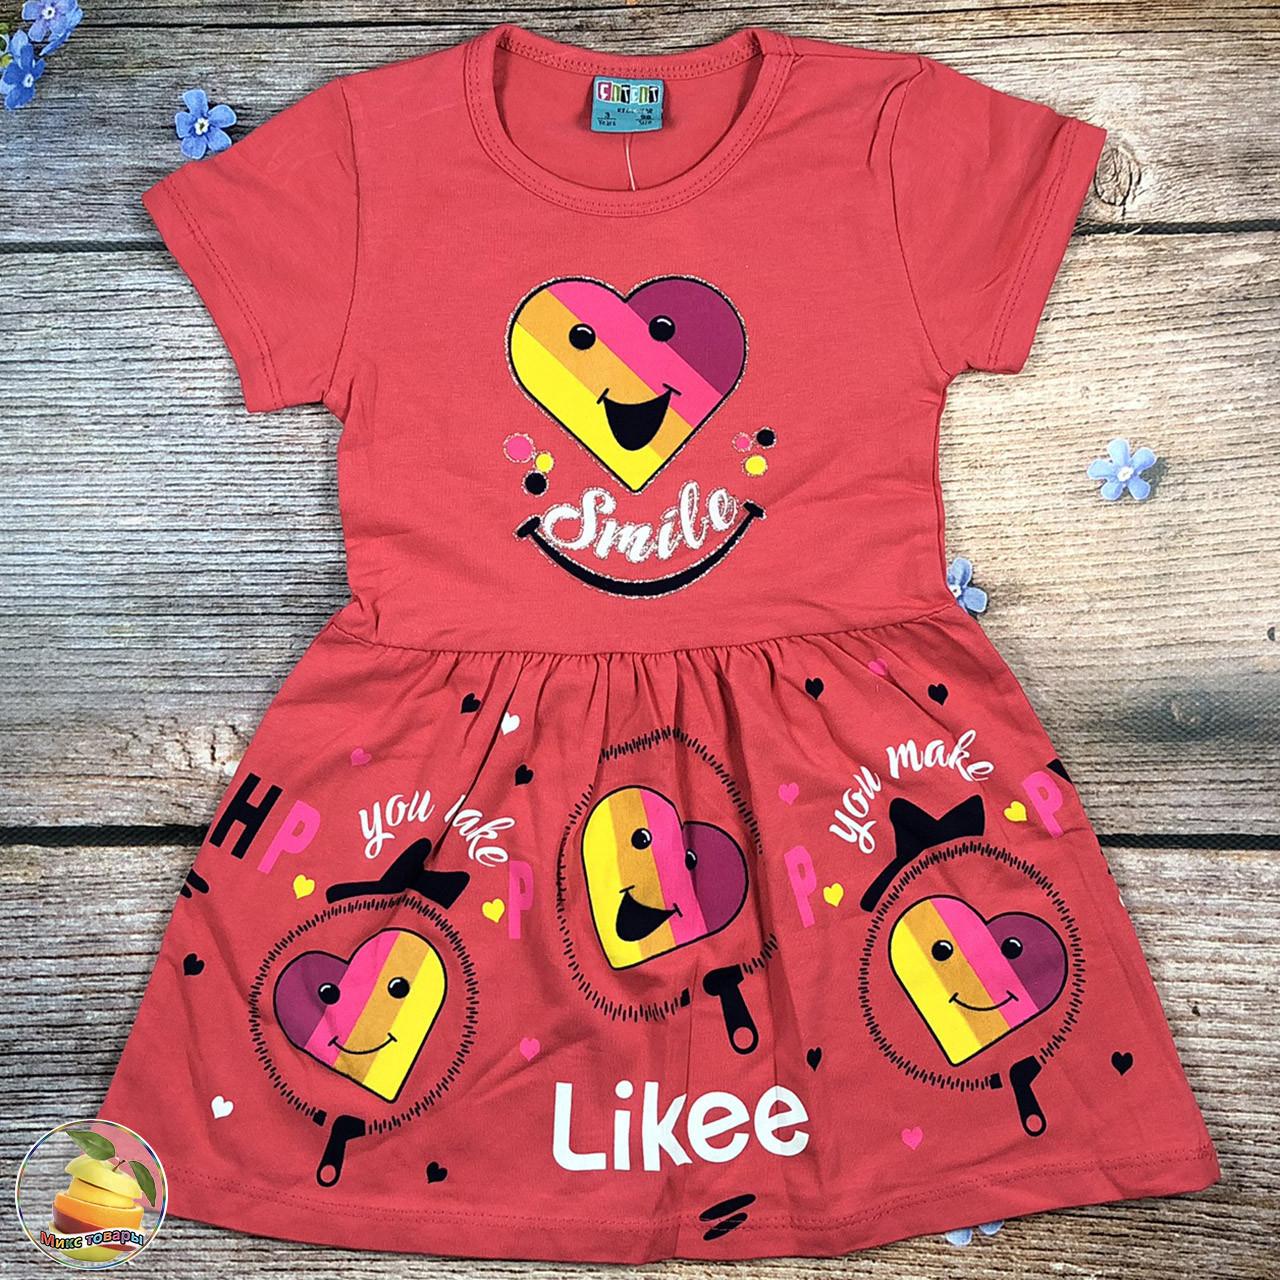 """Платье с коротким рукавом """"Smile+ Likee"""" для детей Размеры: 3,4,5,6 лет (20378-2)"""